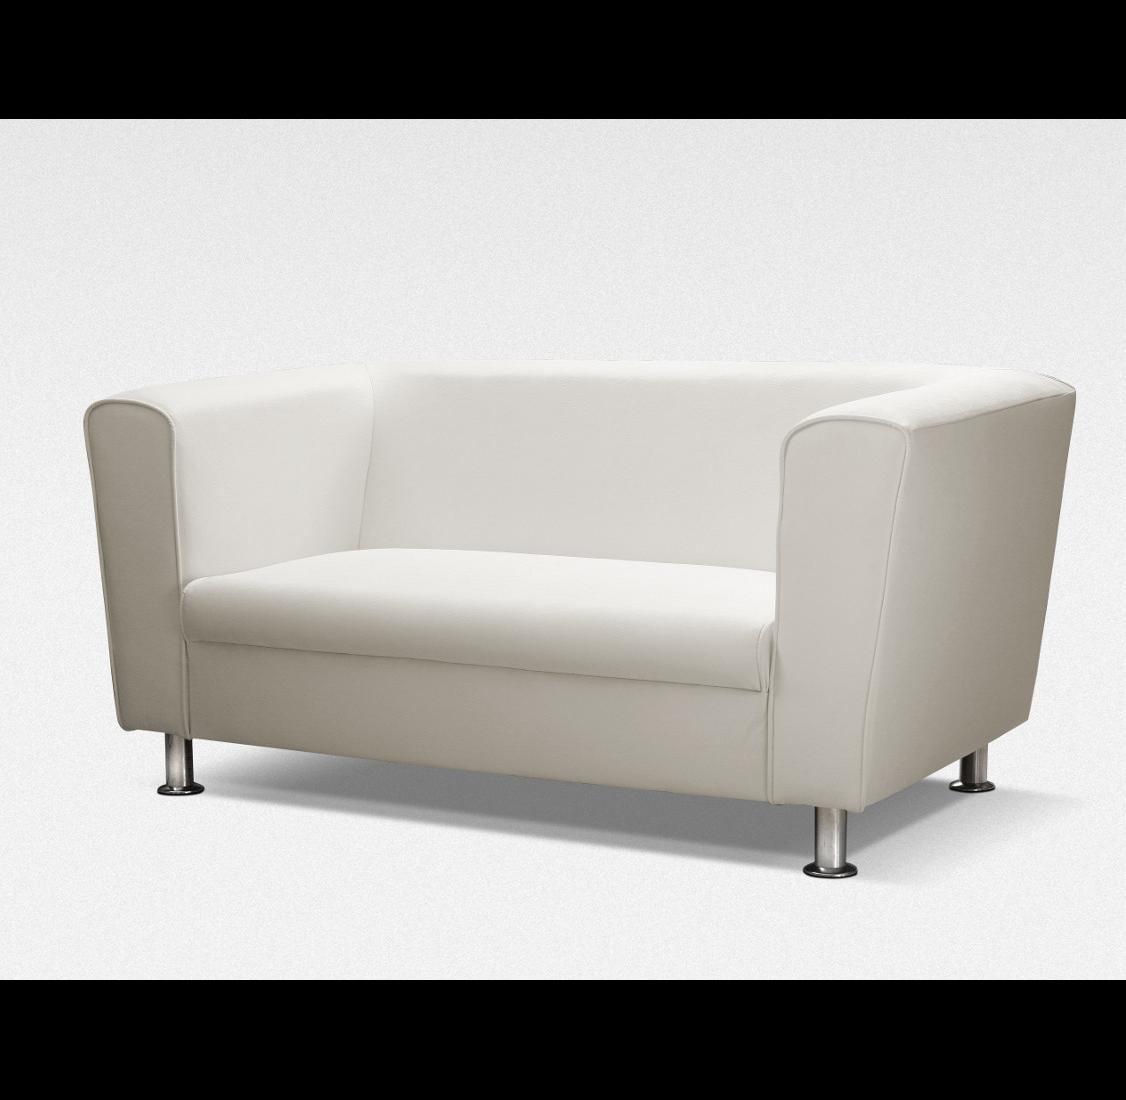 vancouver weis 2er m bel muller braun. Black Bedroom Furniture Sets. Home Design Ideas